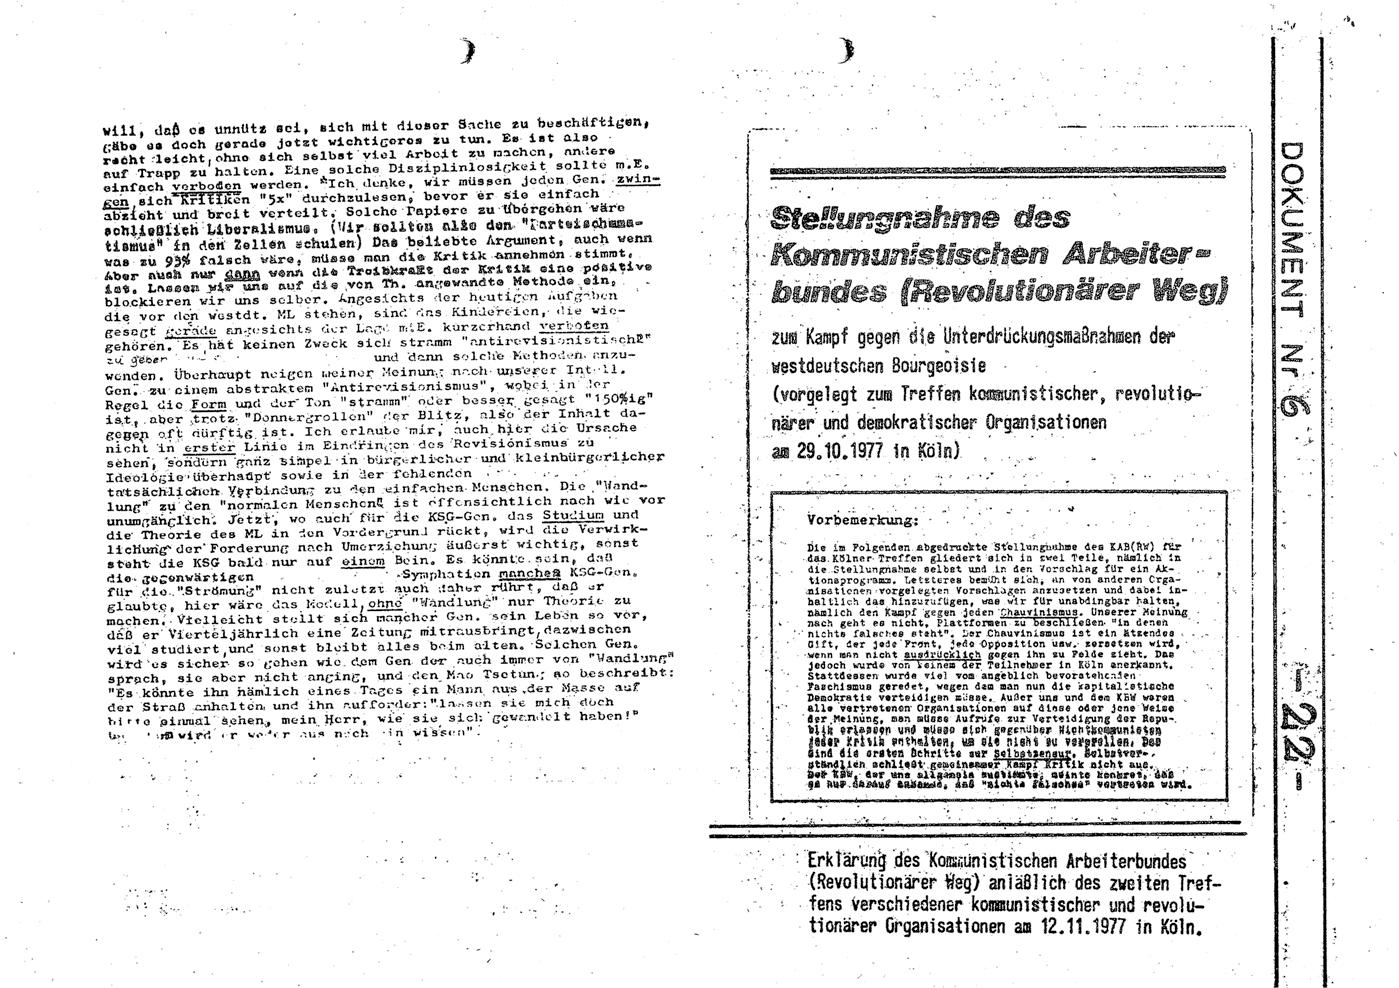 KABRW_Arbeitshefte_1977_24_022